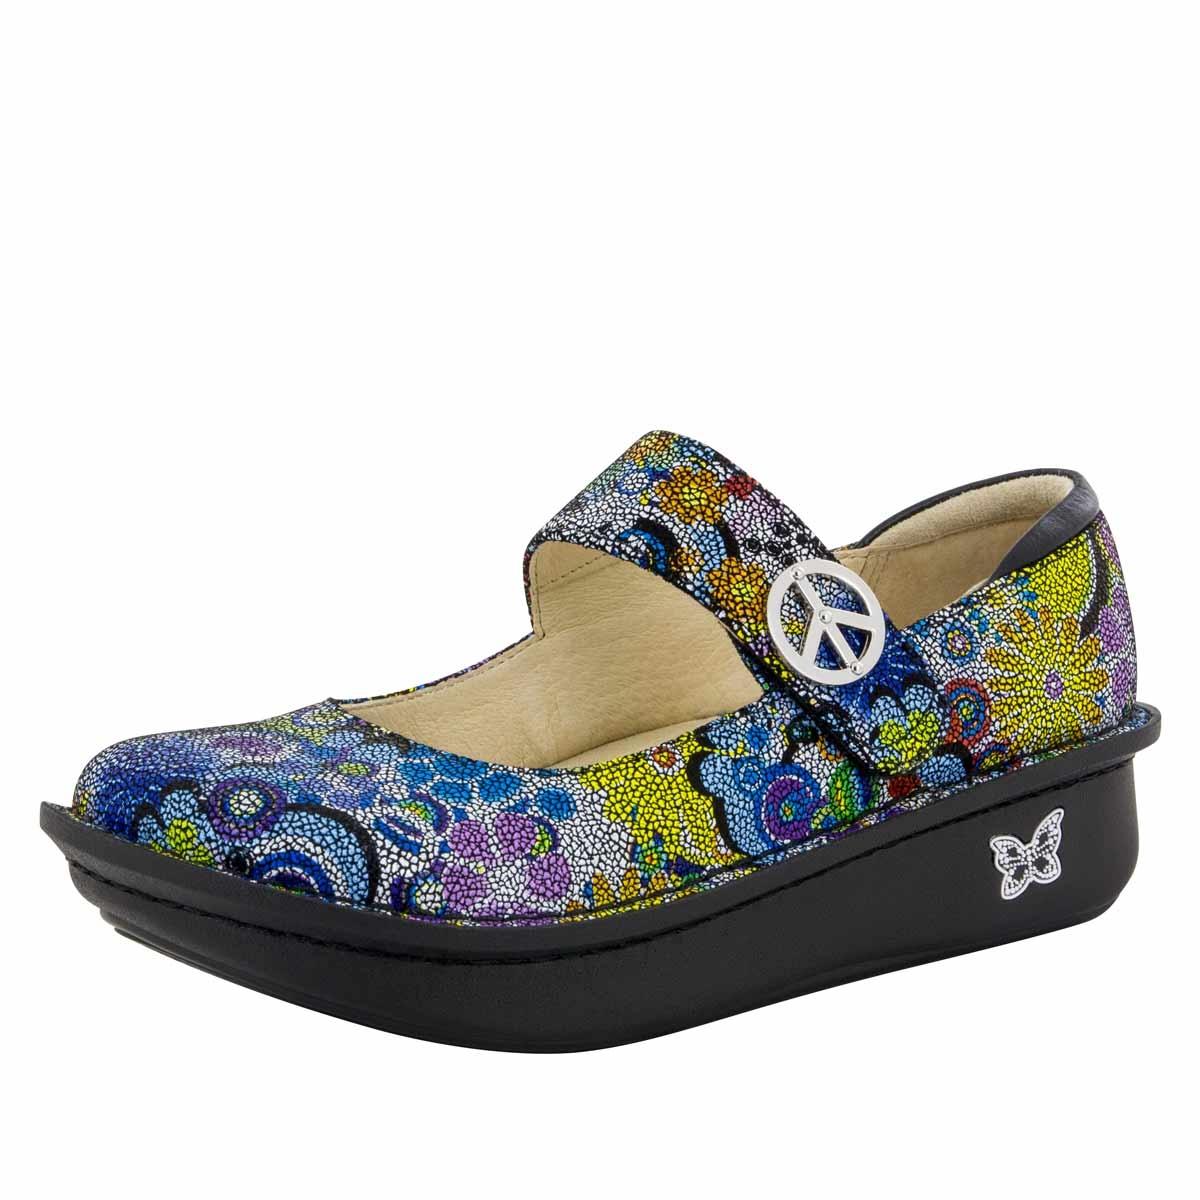 Alegria Mary Jane Shoes Sale